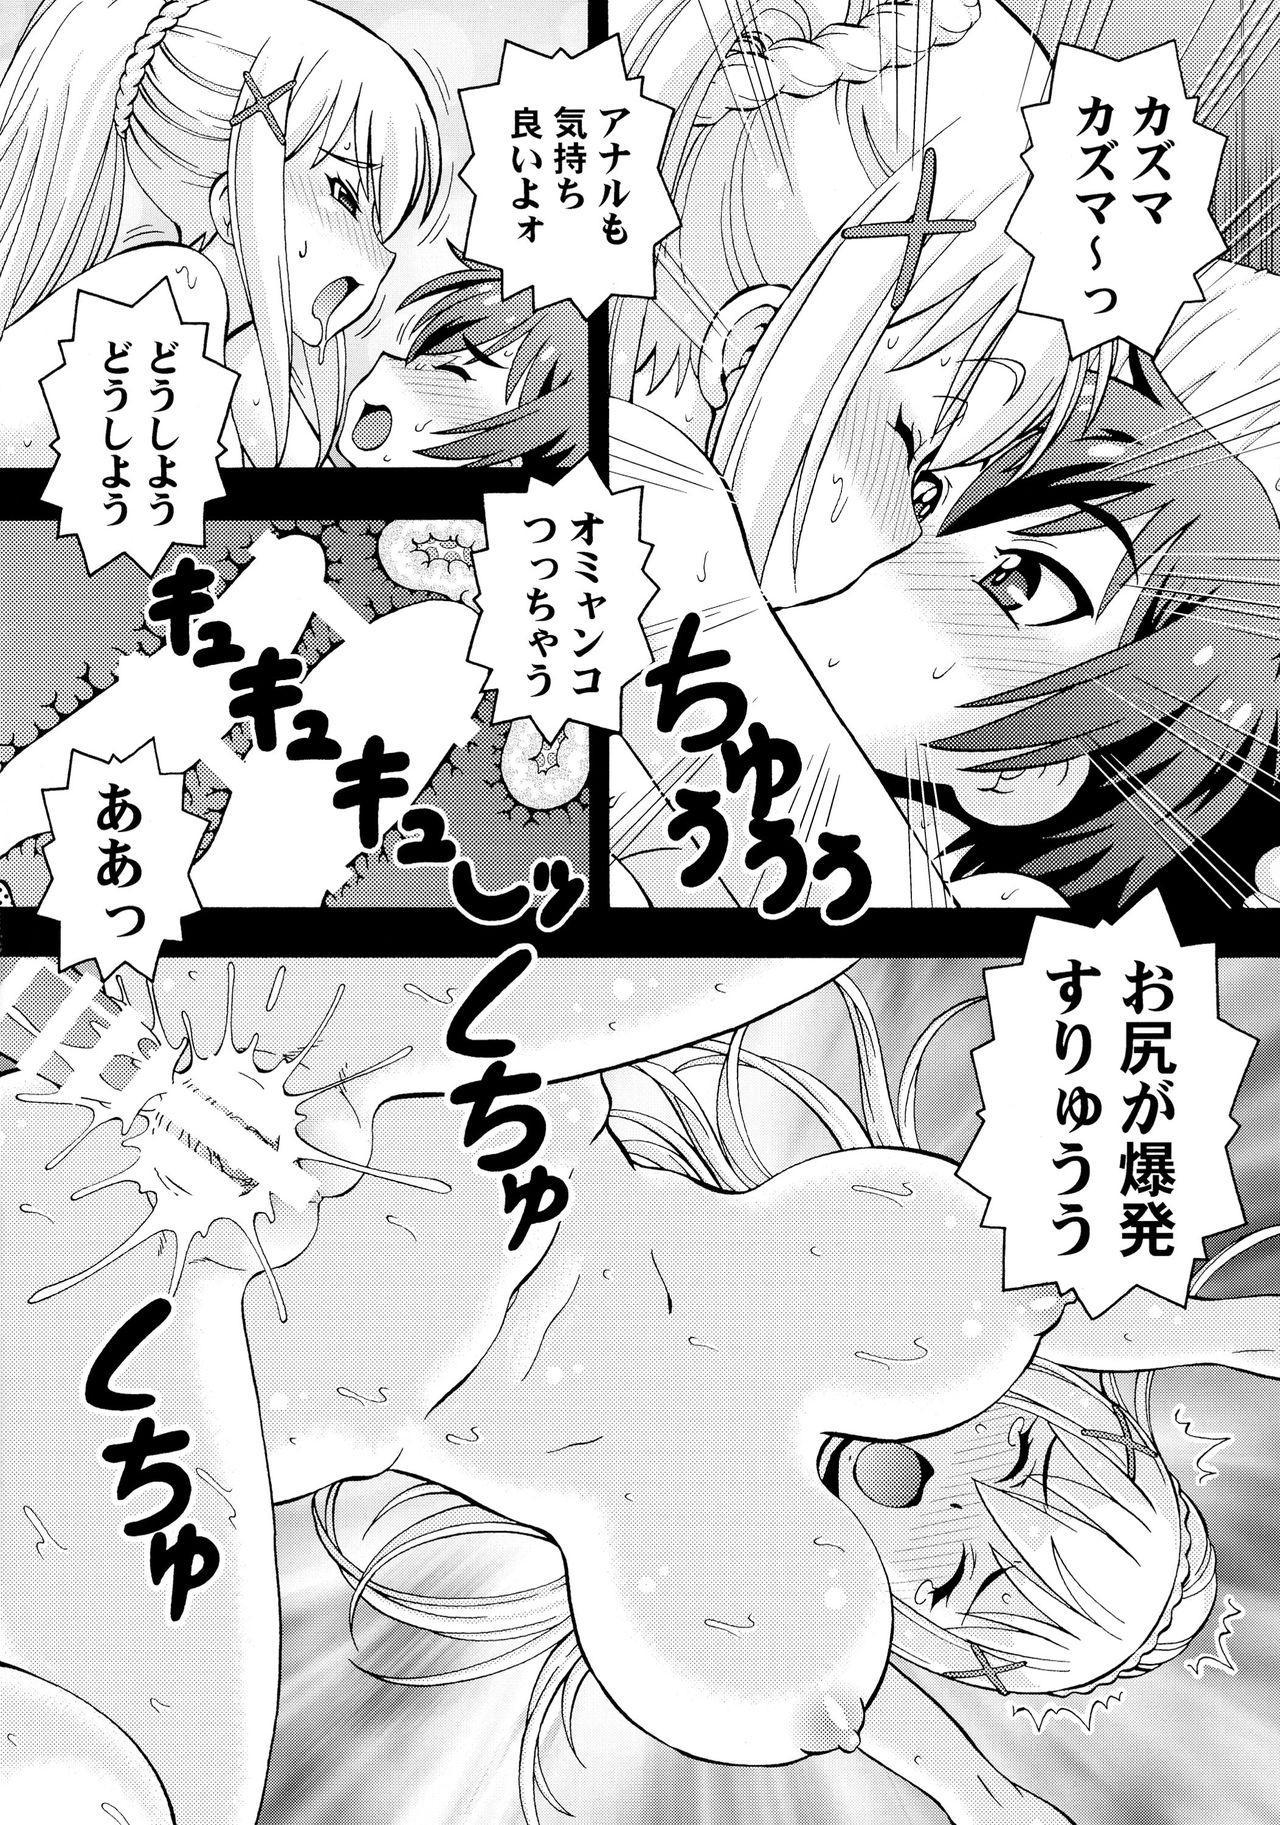 Ero Subarashii Sekai ni Nakadashi o! 2 25